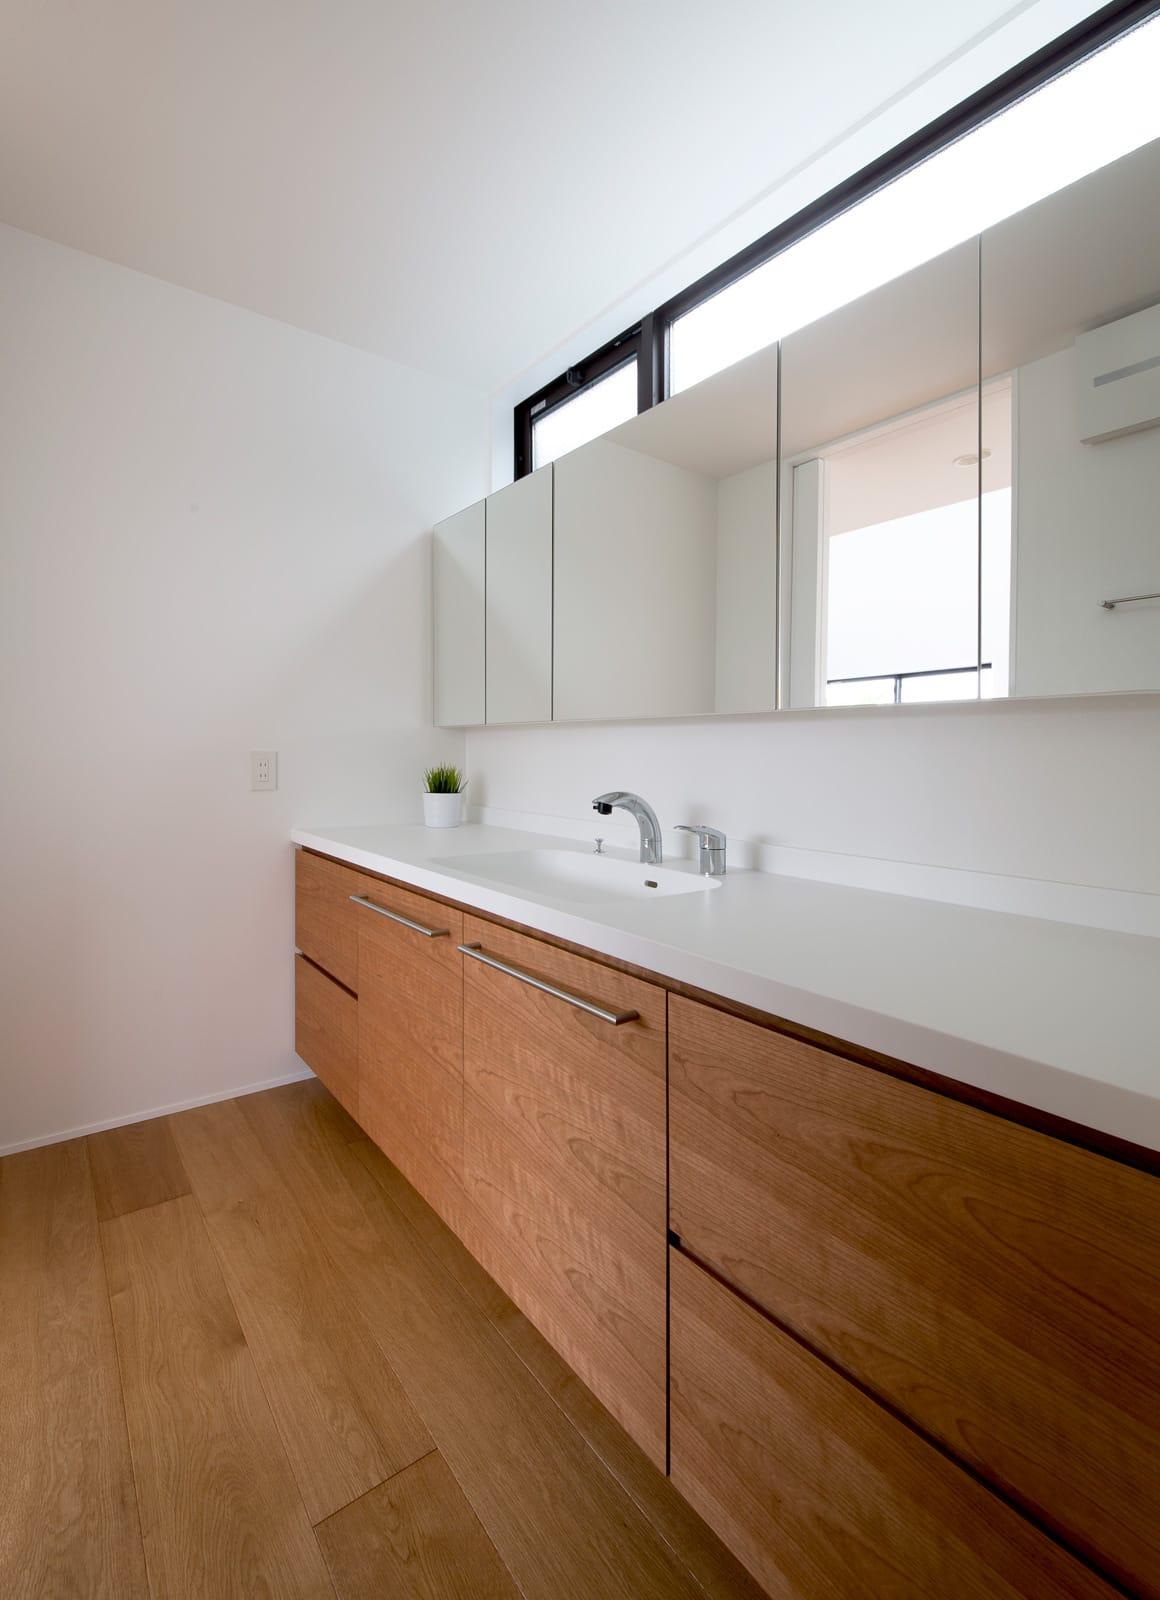 屋上とつながる吹抜リビングの家の浴室・洗面室1